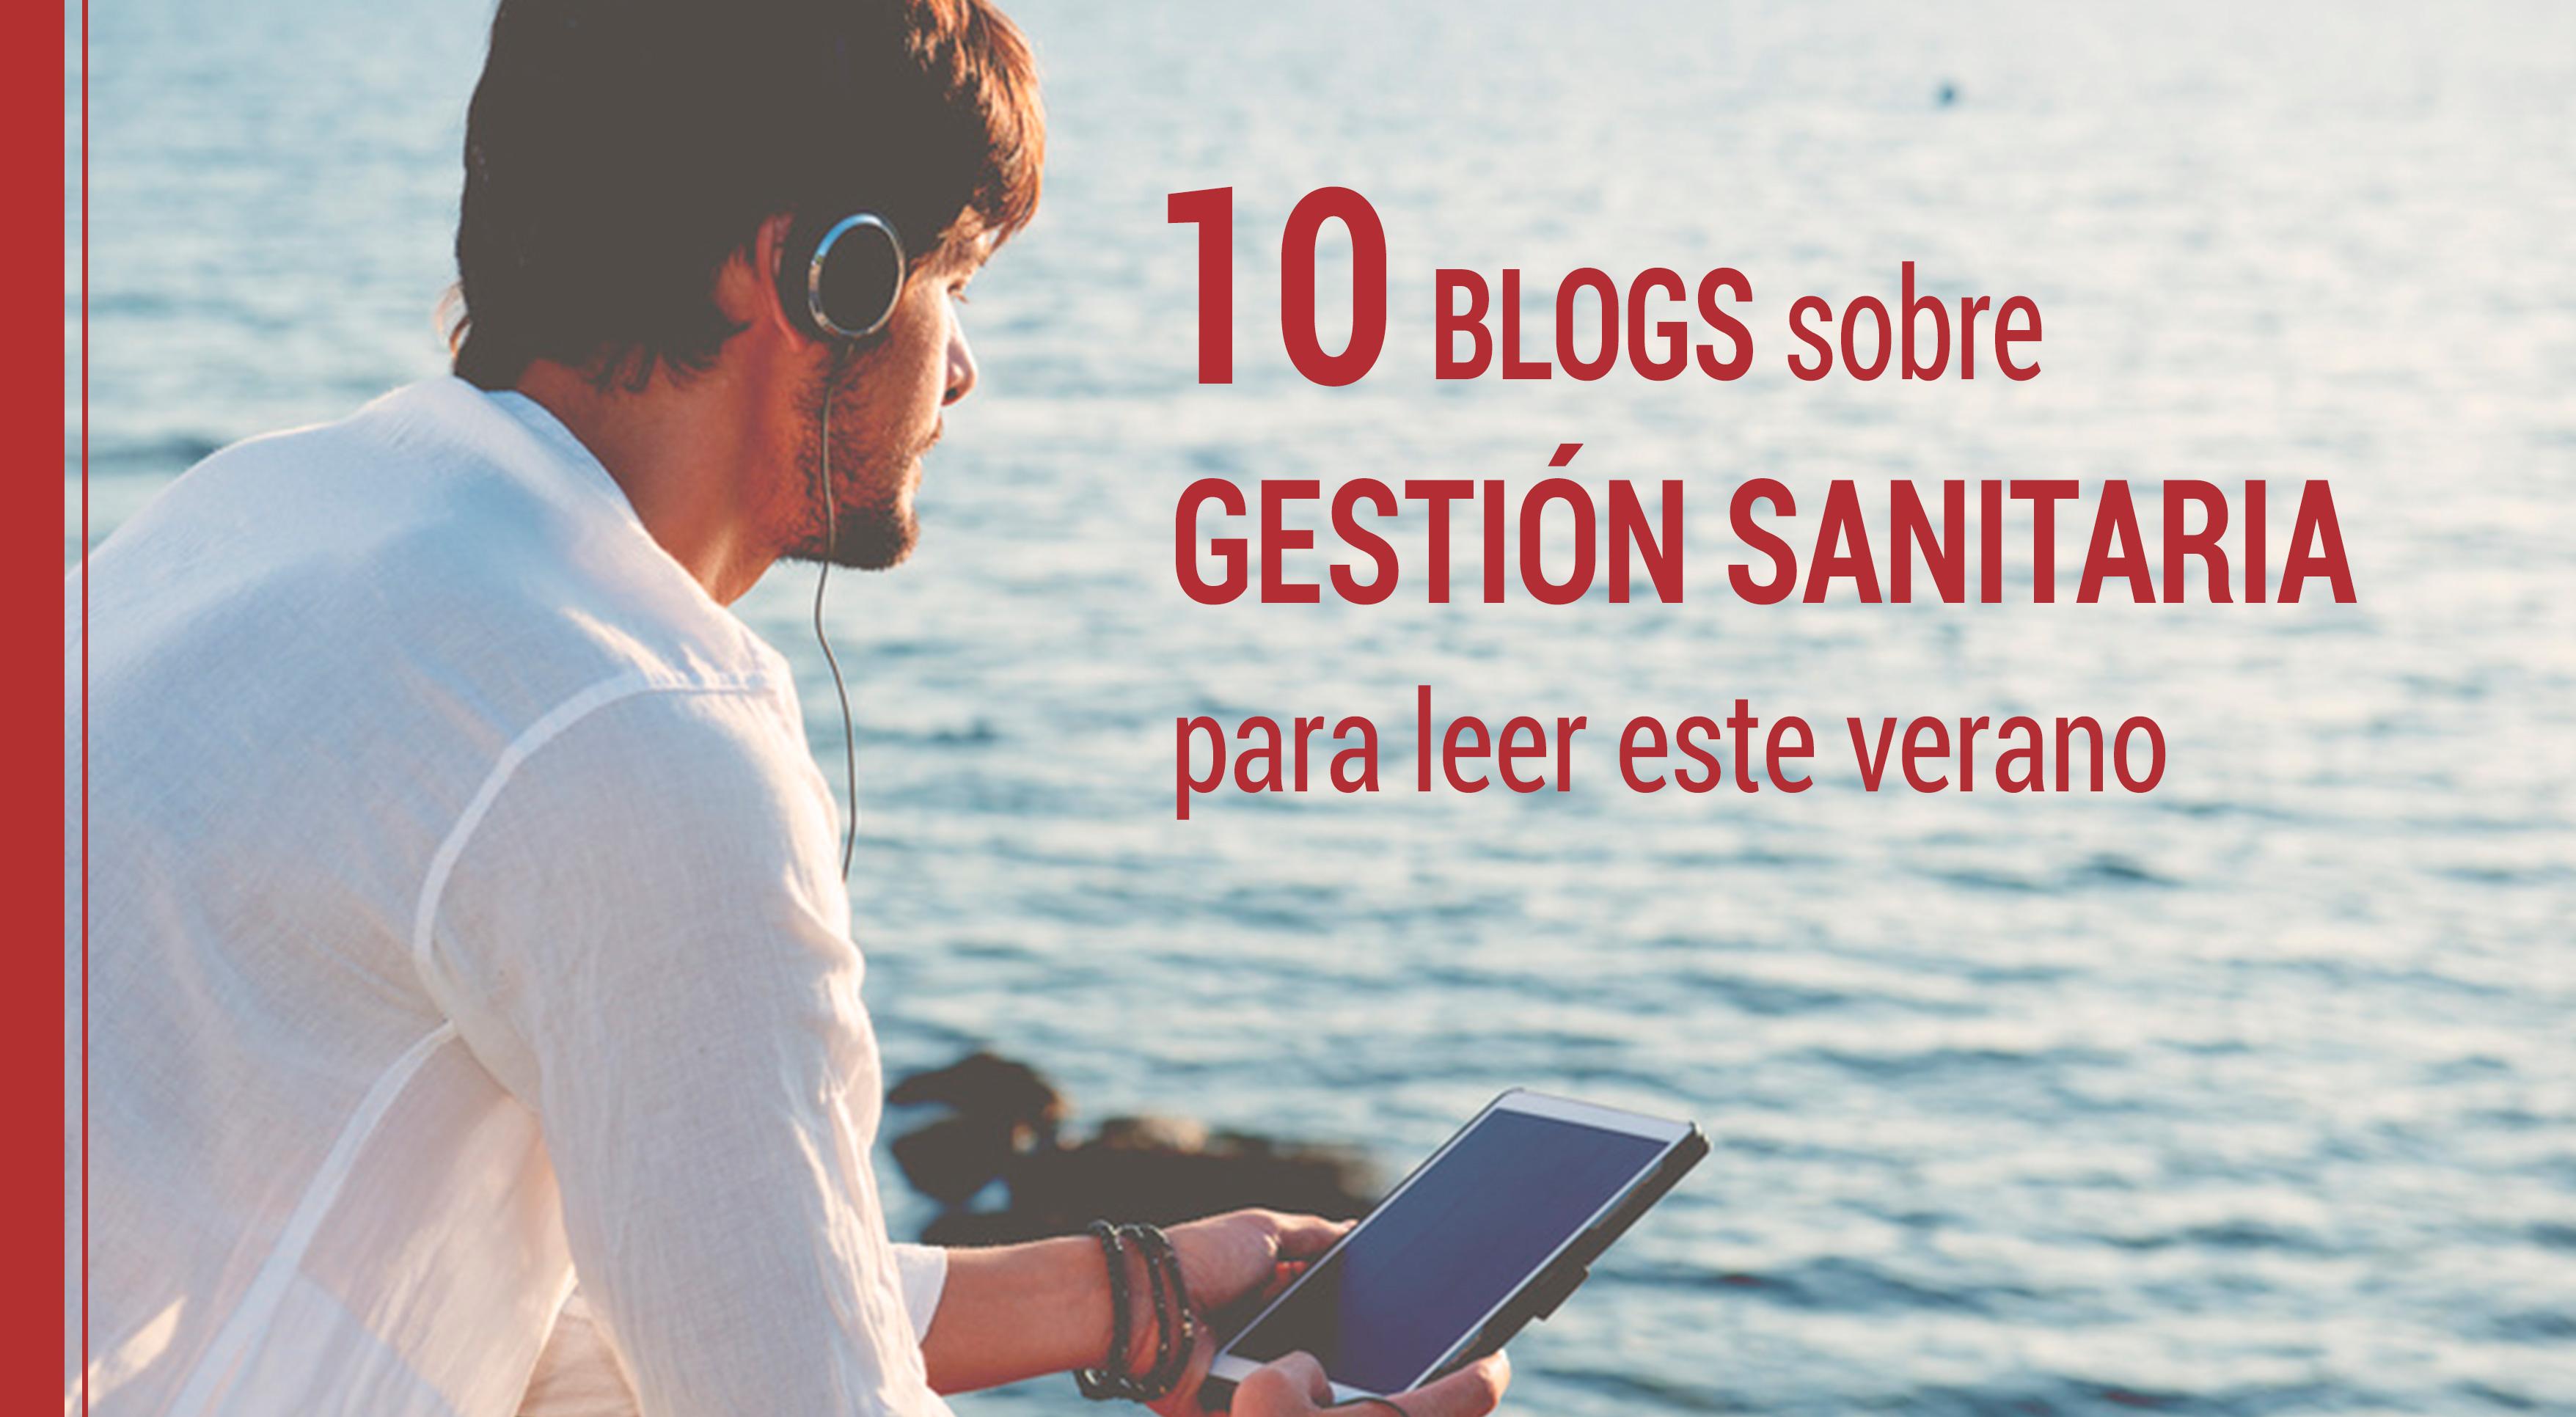 10-mejores-blogs-gestion-sanitaria-verano